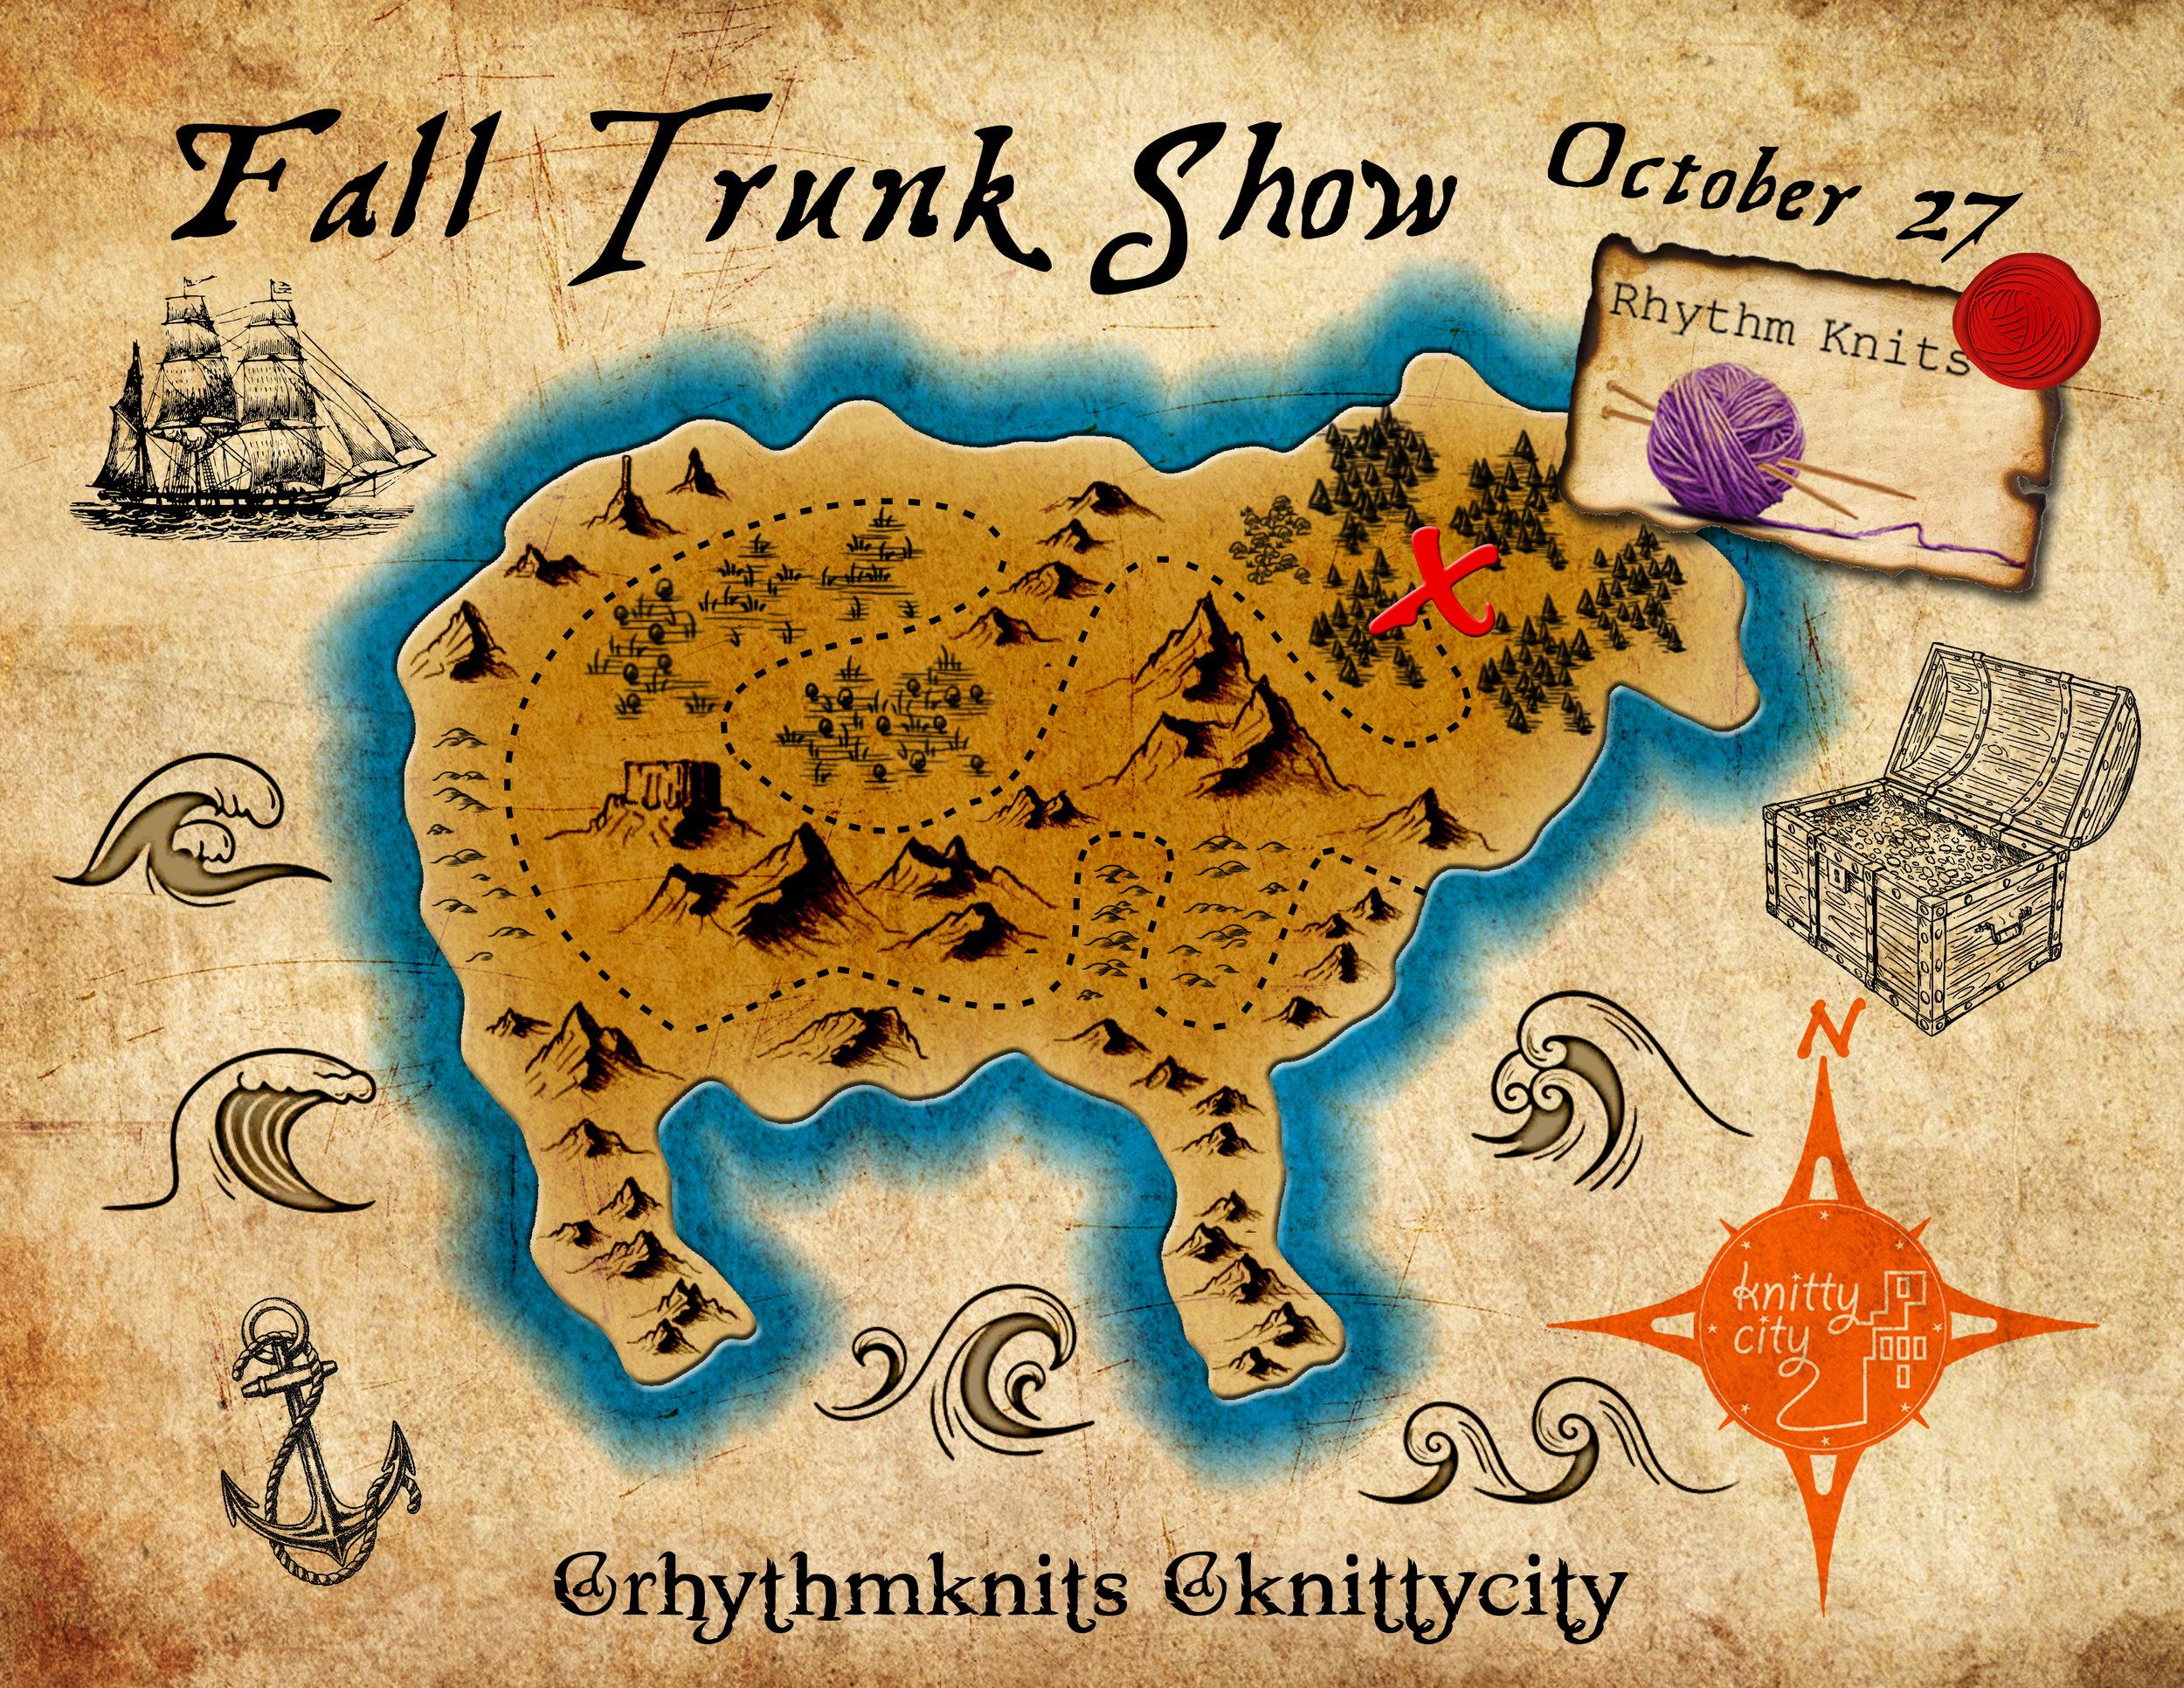 Treasure Map Rhythm Knits.jpg